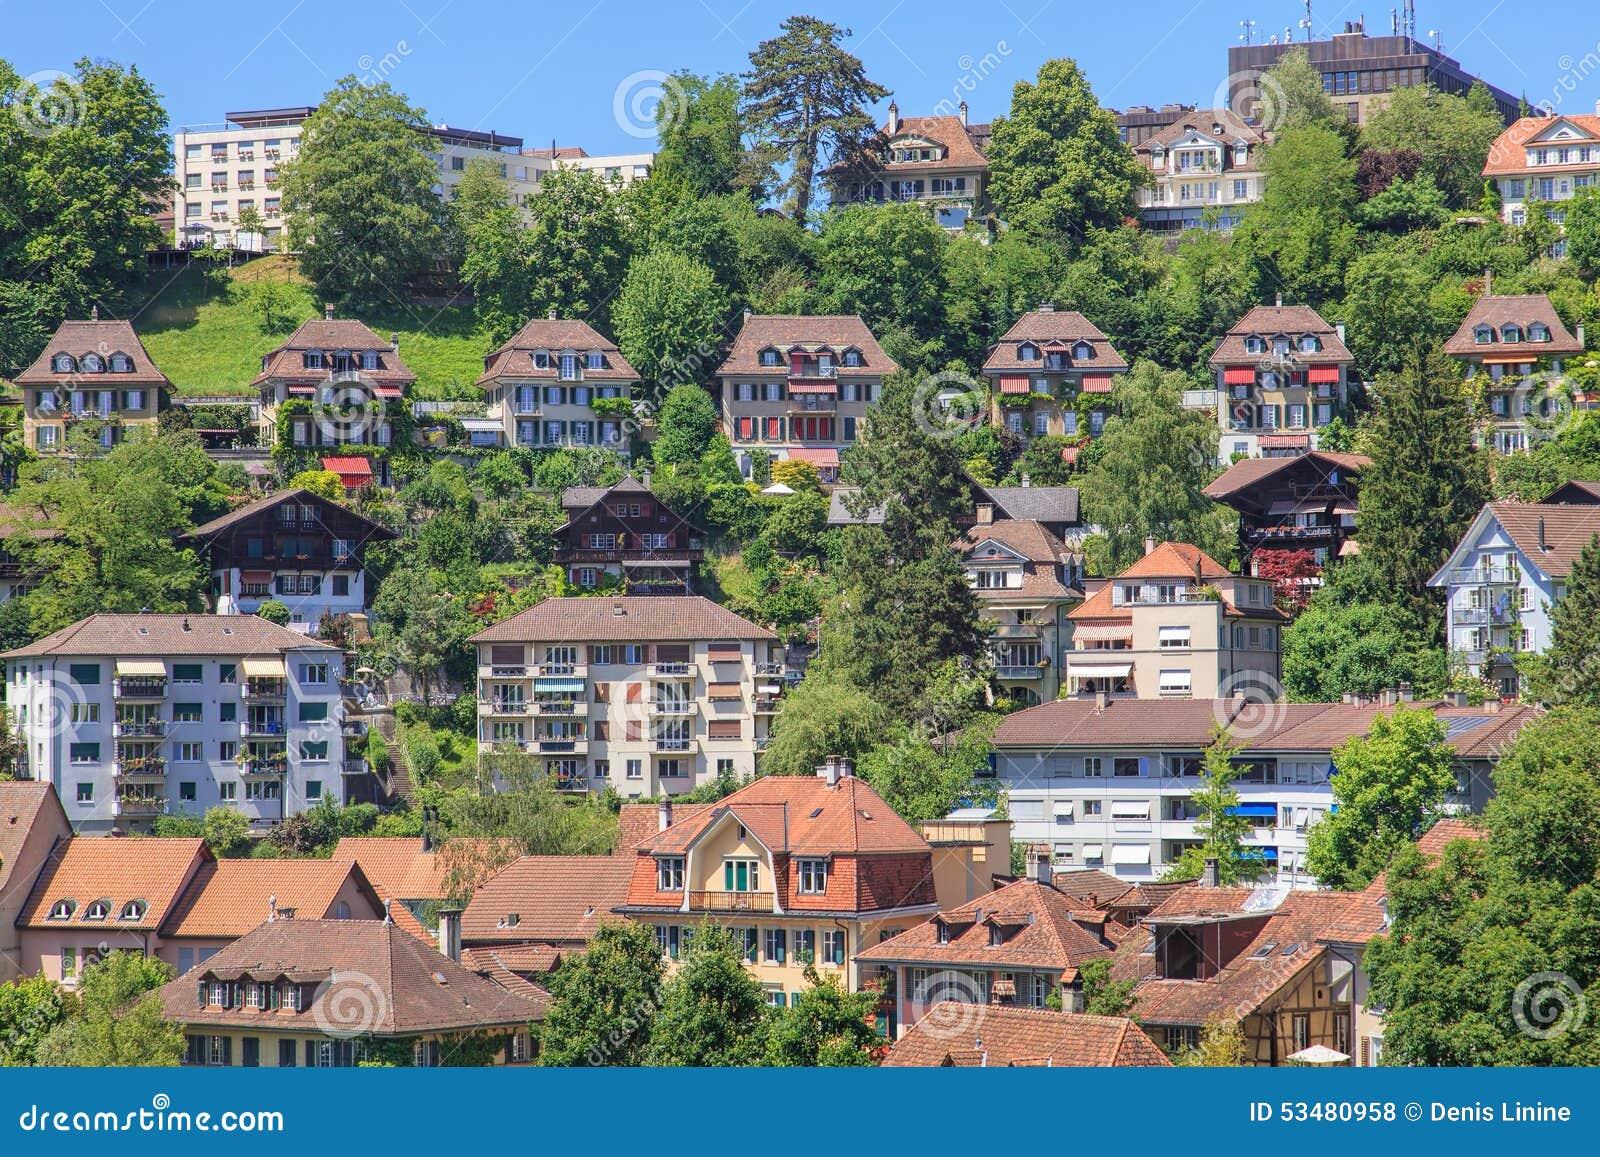 Vue de suisse de nydeggkirche de nydeggbruecke de nydegg for Paysage de ville